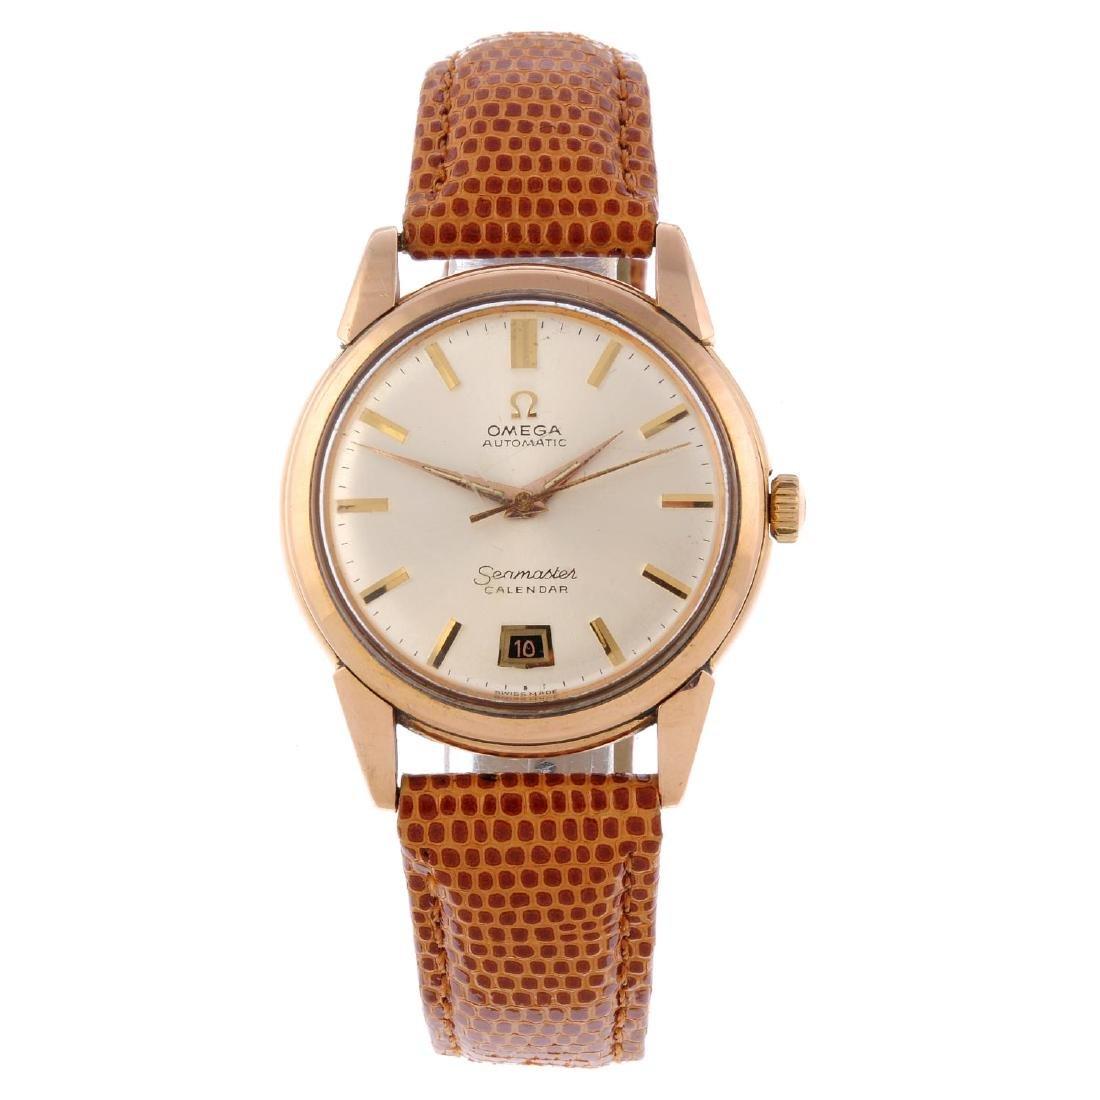 OMEGA - a gentleman's Seamaster Calendar wrist watch.